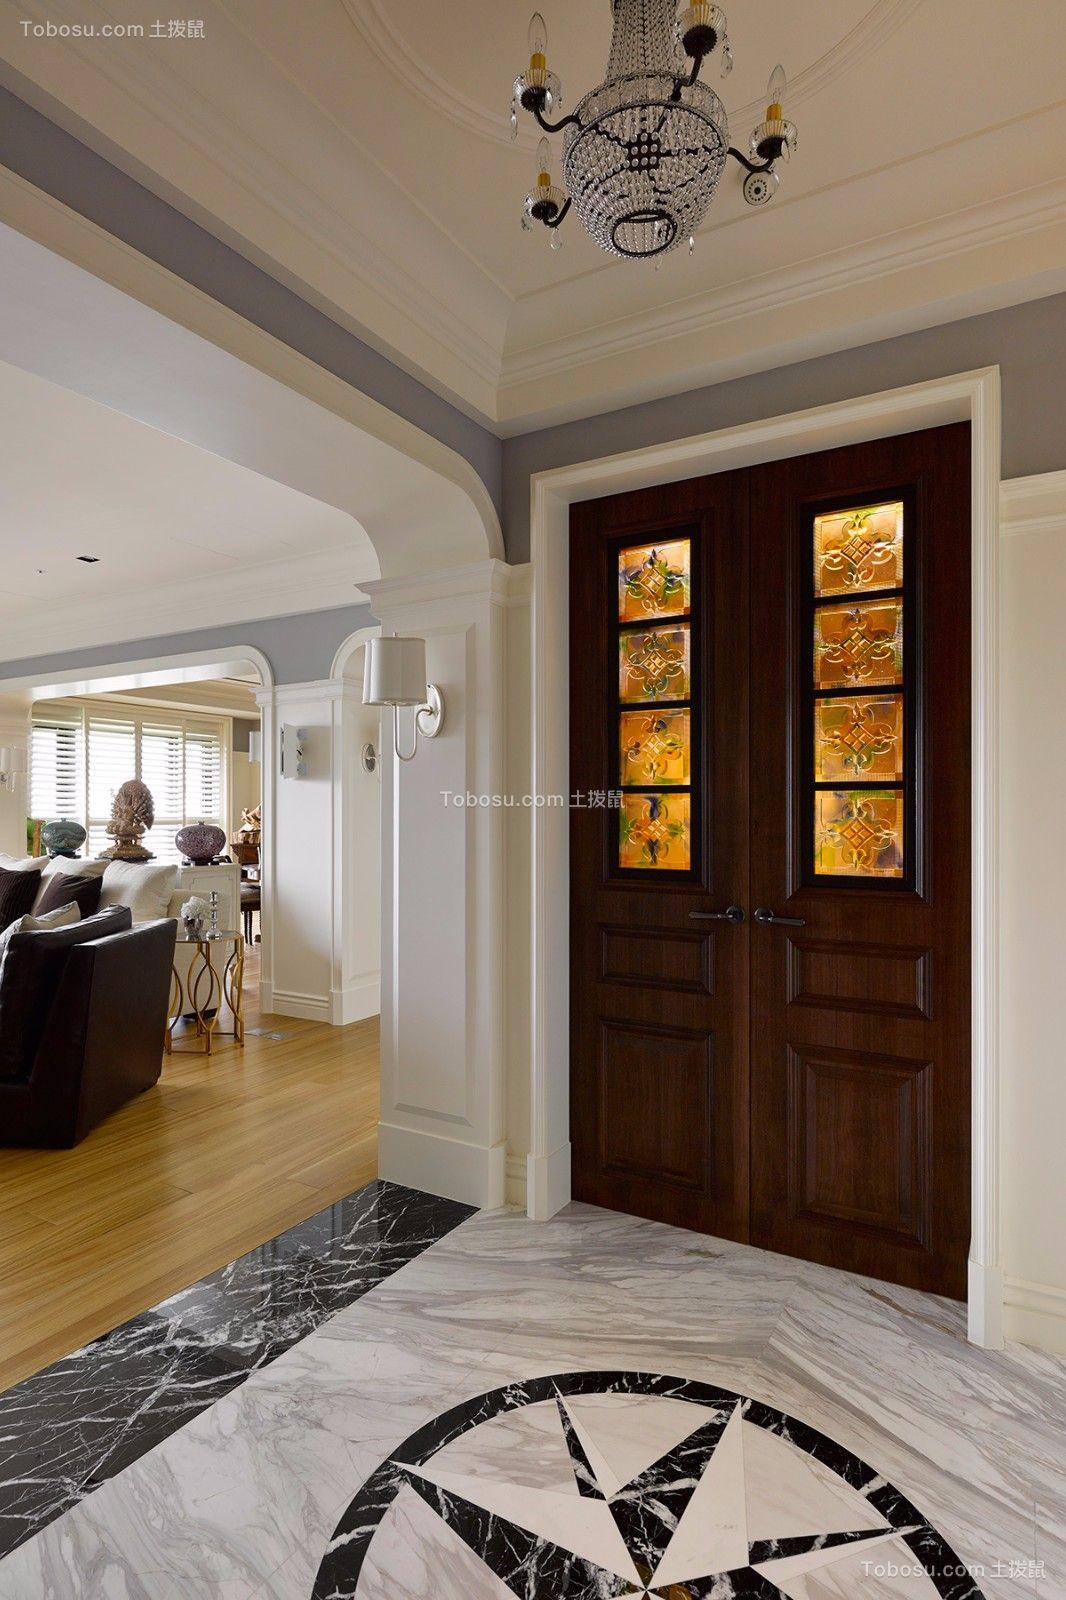 创意玄关门厅设计图欣赏